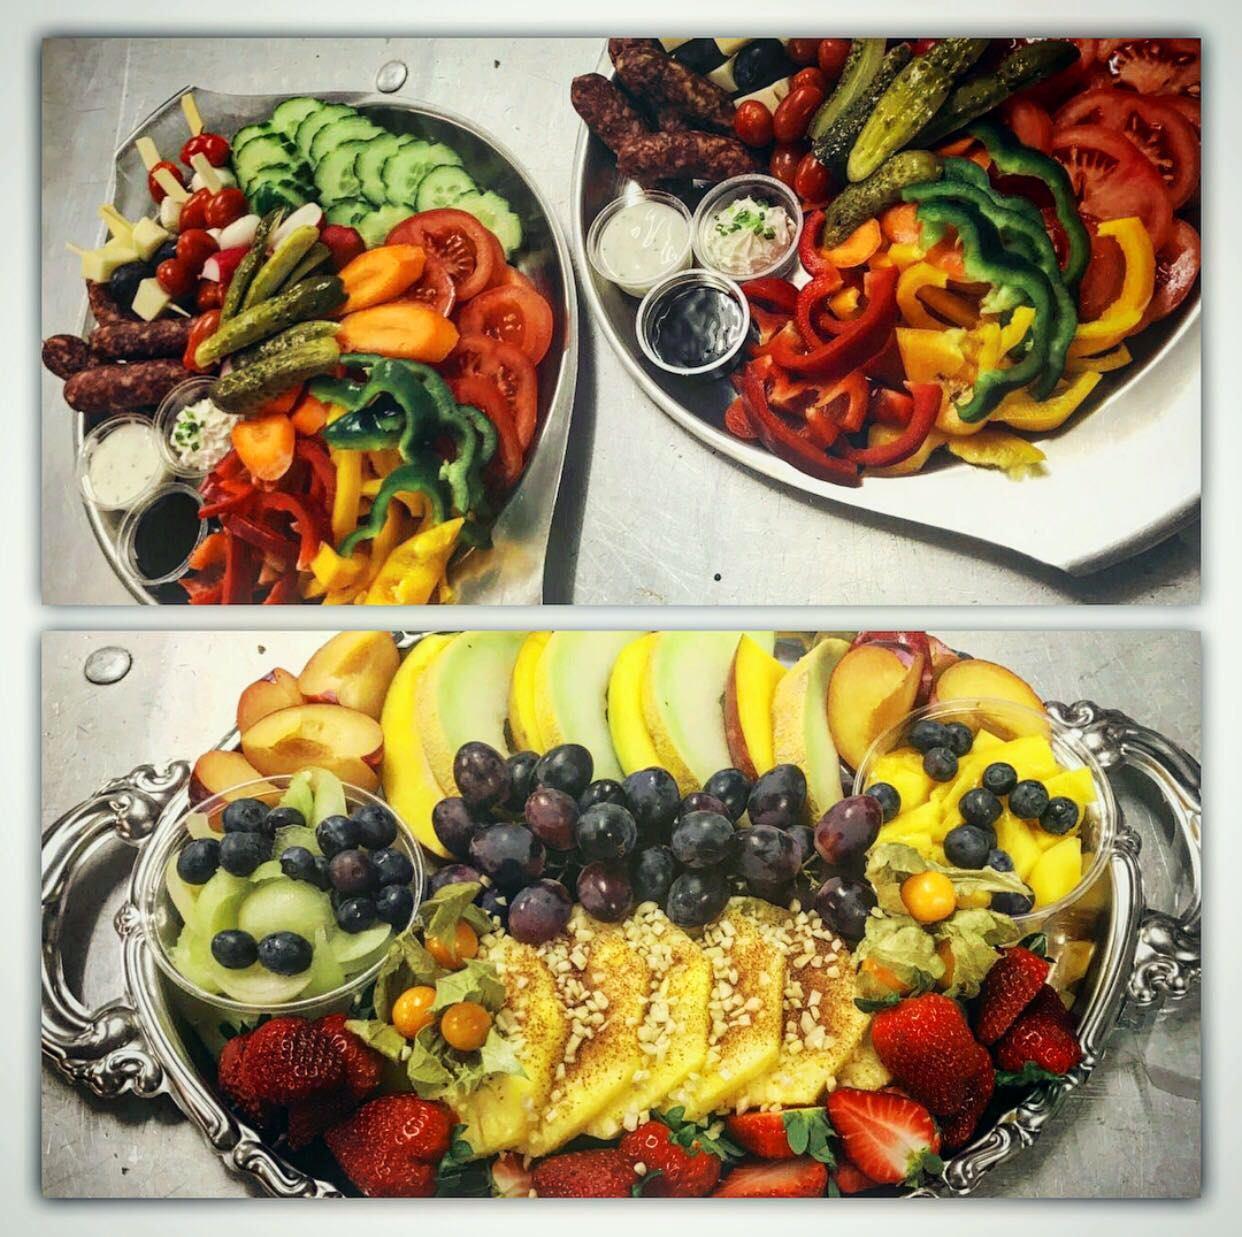 Obst- und Gemüseplatten